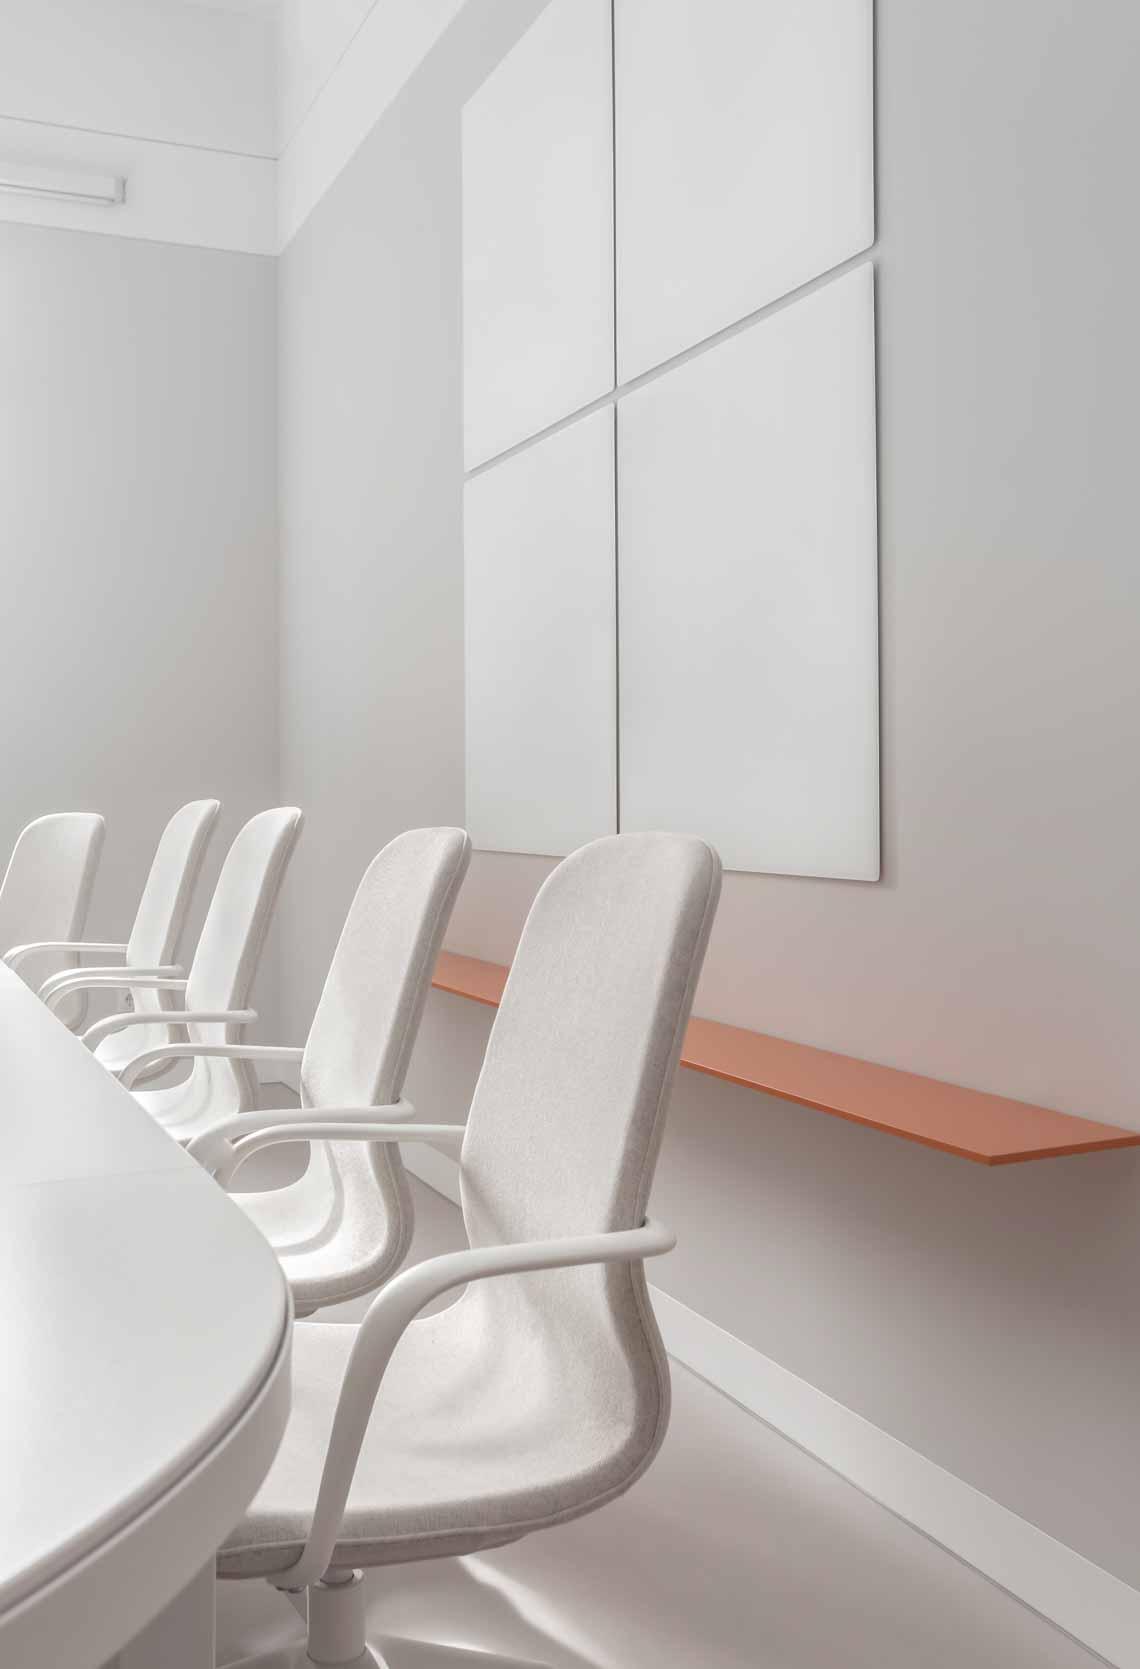 Dự án FG OFF – Một văn phòng không gian hình học màu cam -1